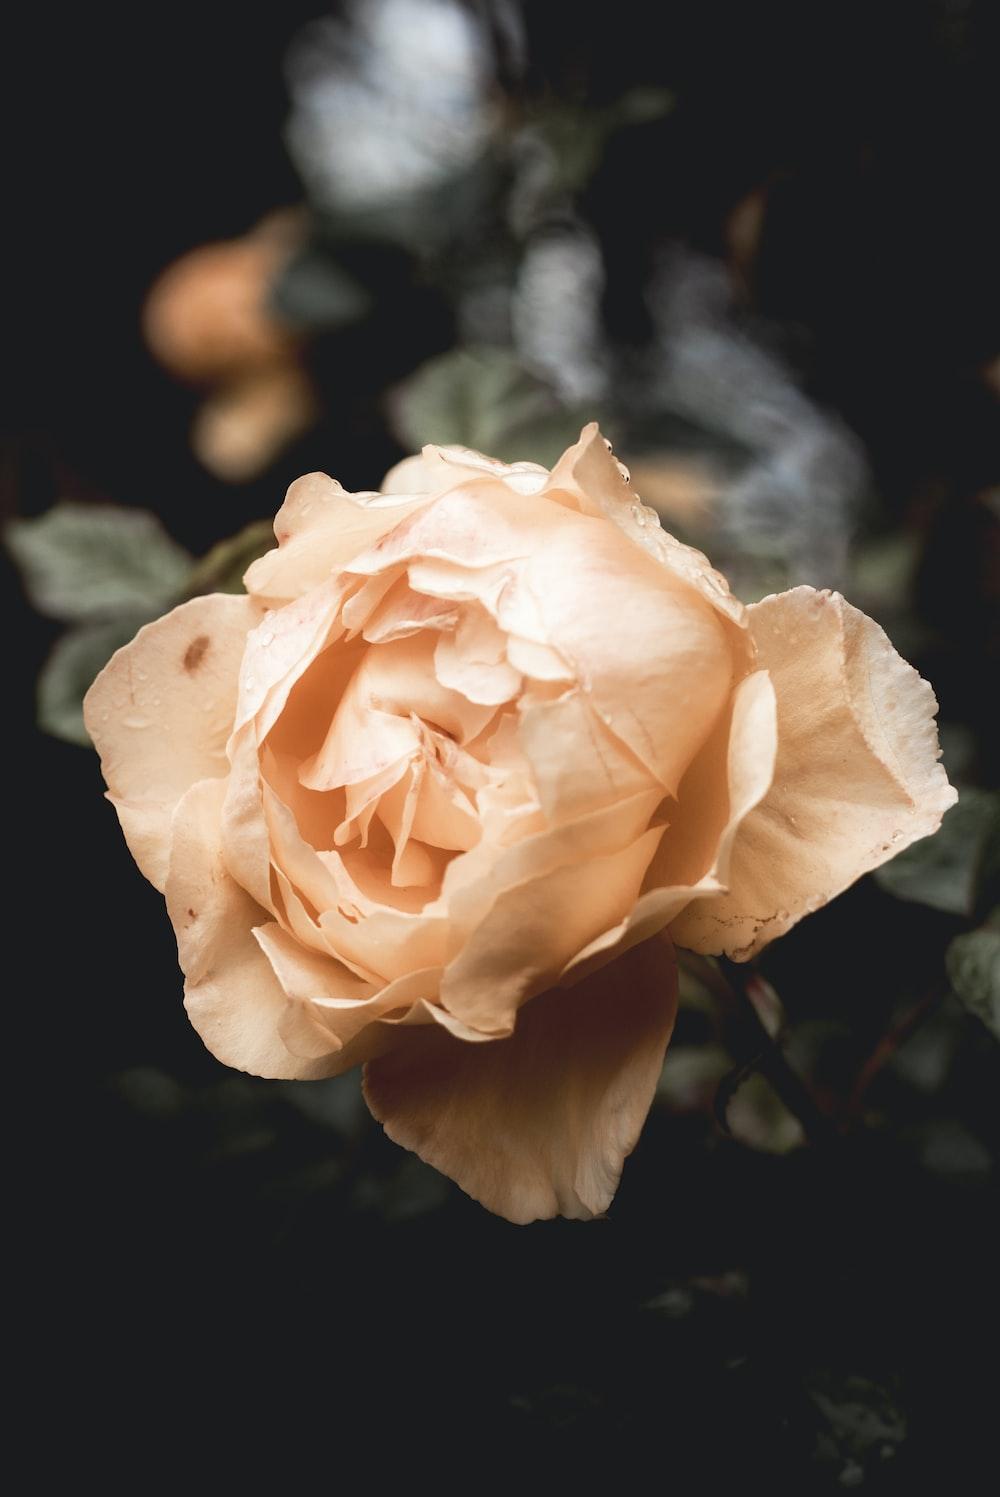 orange petaled flower close-up photography